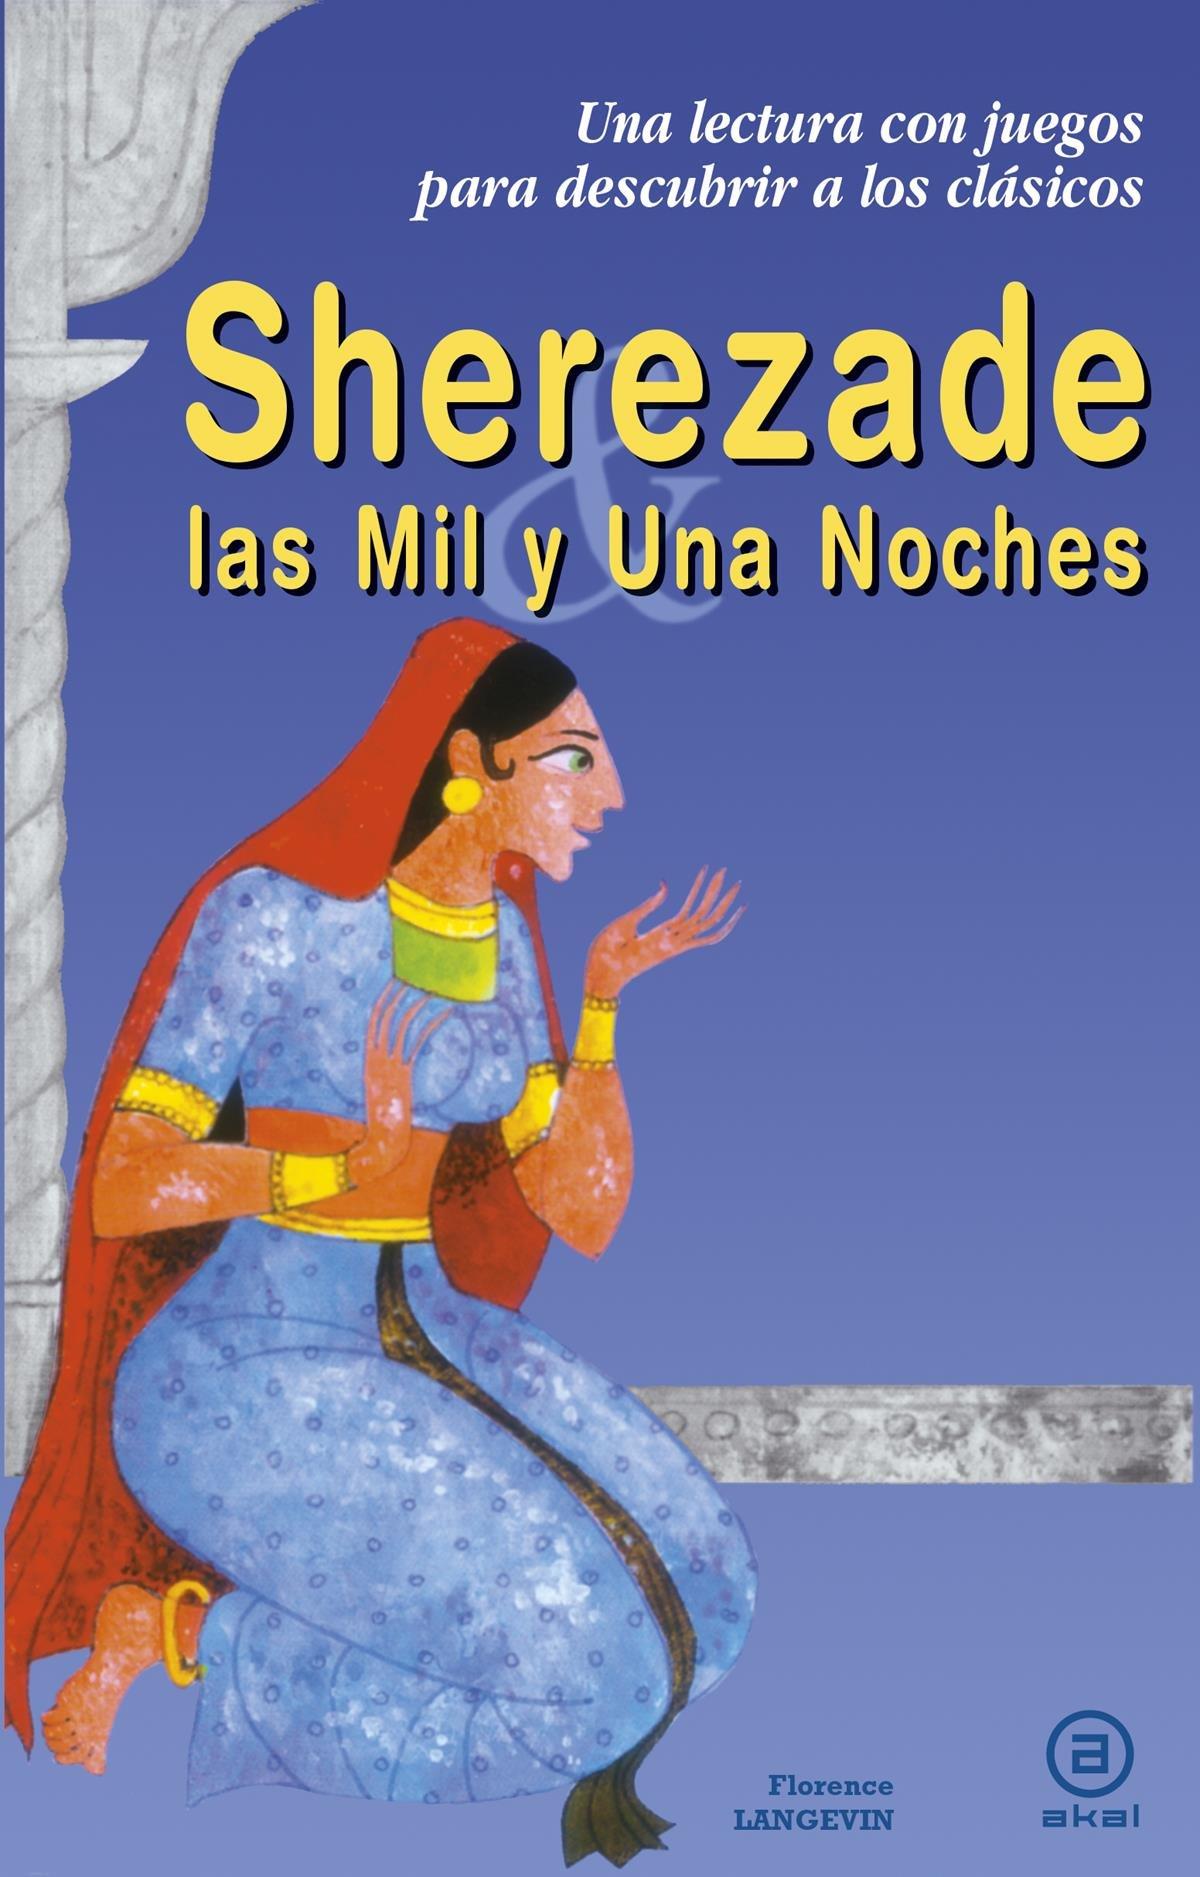 Sherezade Y Las Mil Y Una Noches Para Descubrir A Los Clásicos Spanish Edition 9788446018162 Langevin Florence Careaga Rivelles Josefina Books